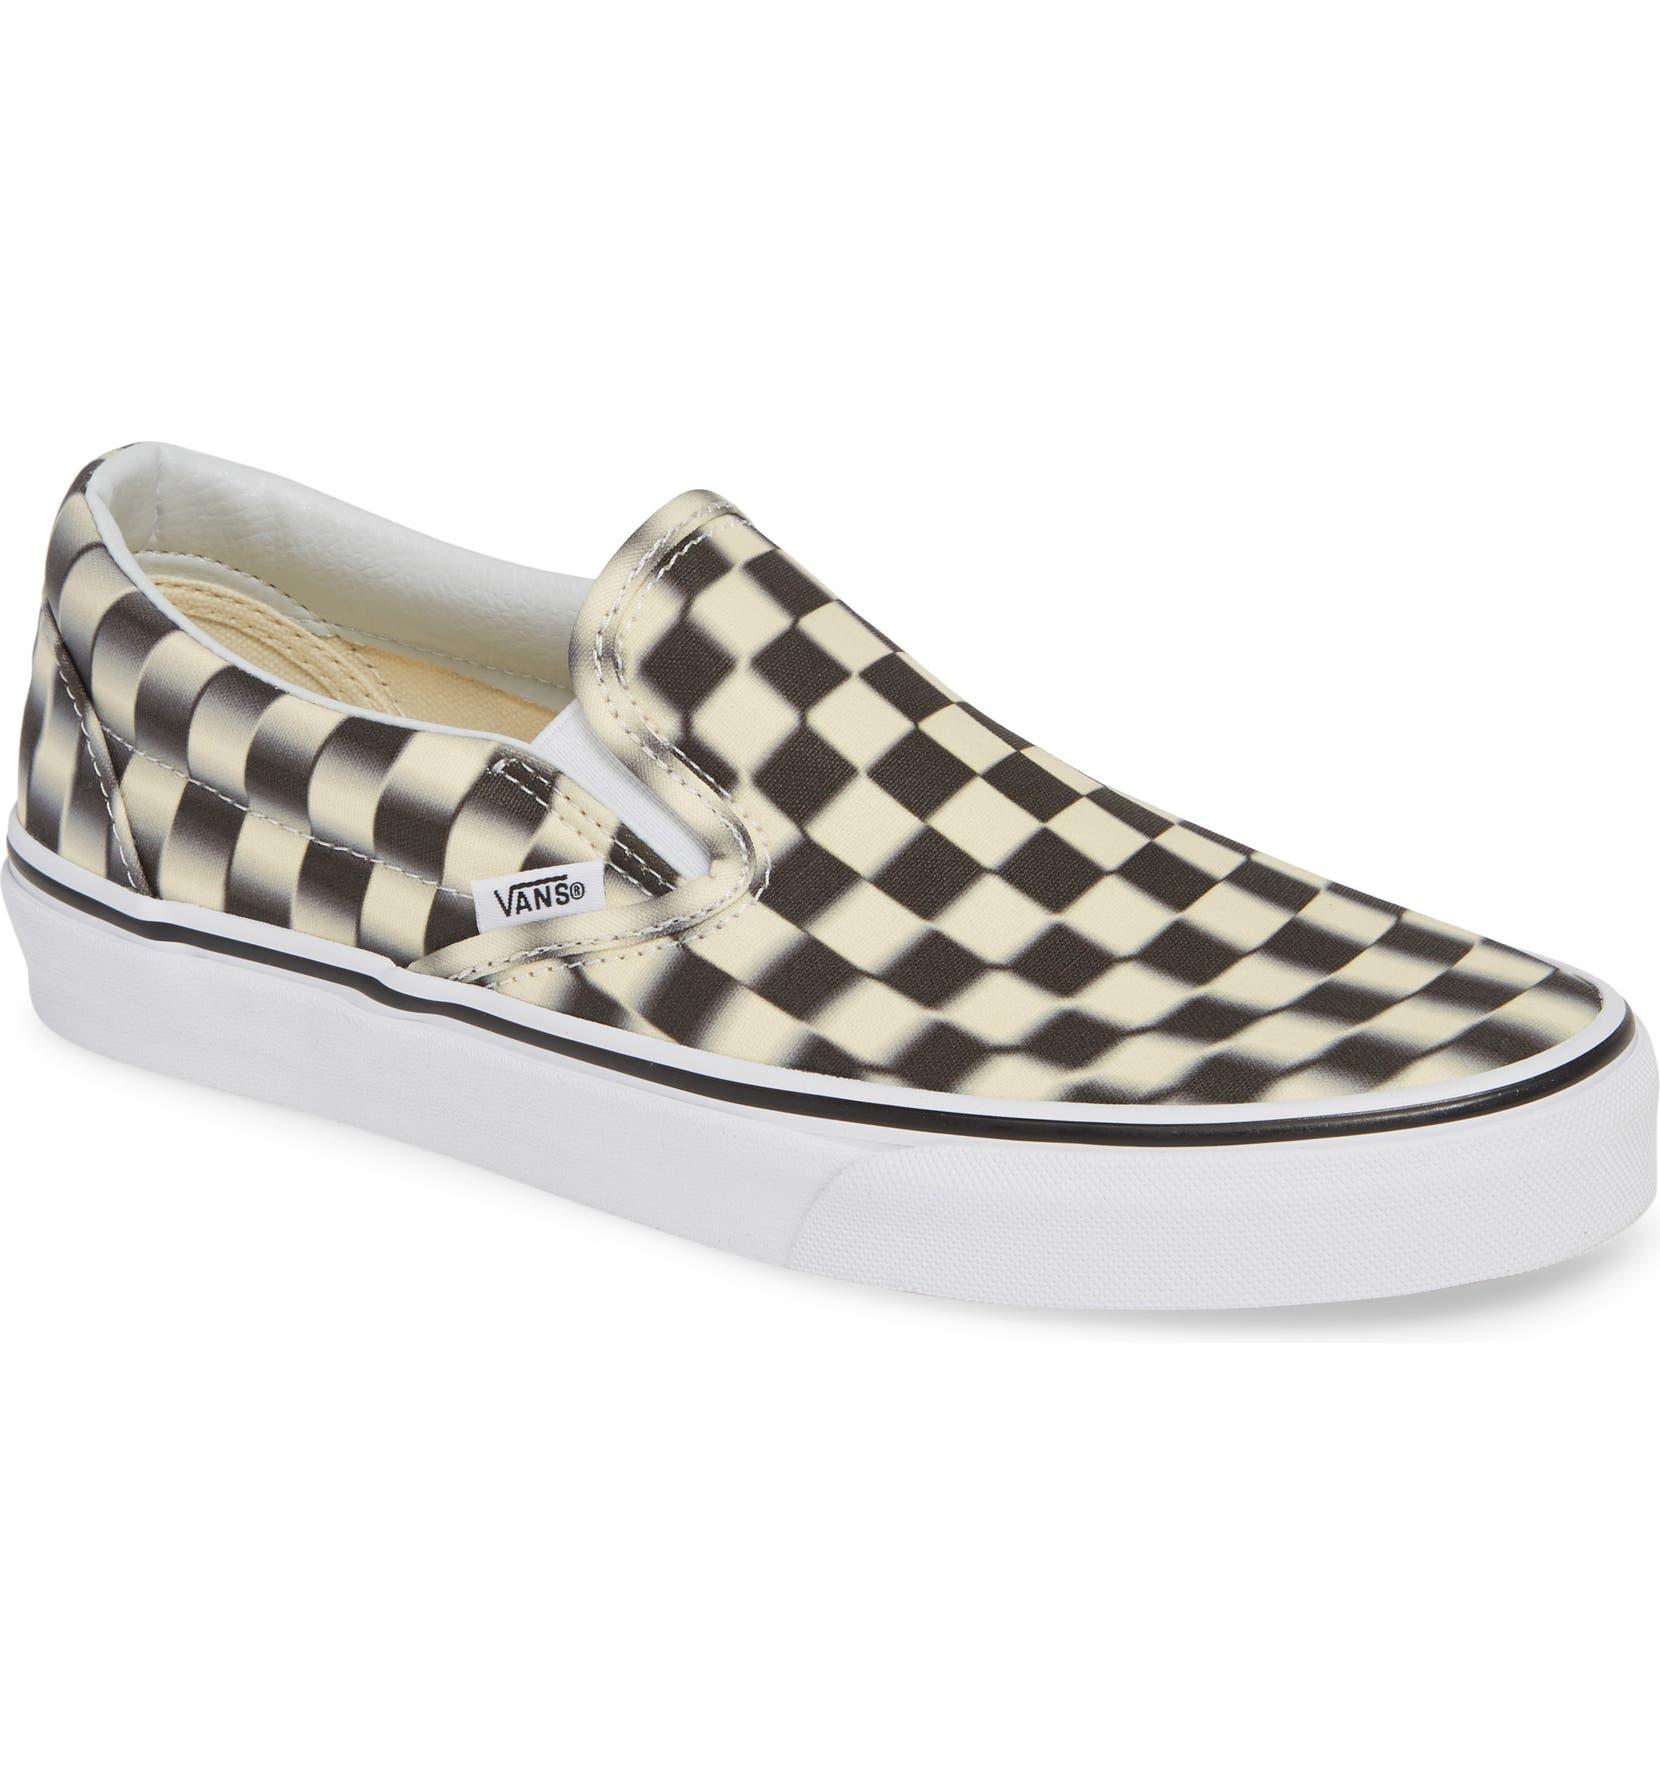 c357fed3ac684e Vans Classic Slip-On Sneaker (Women)